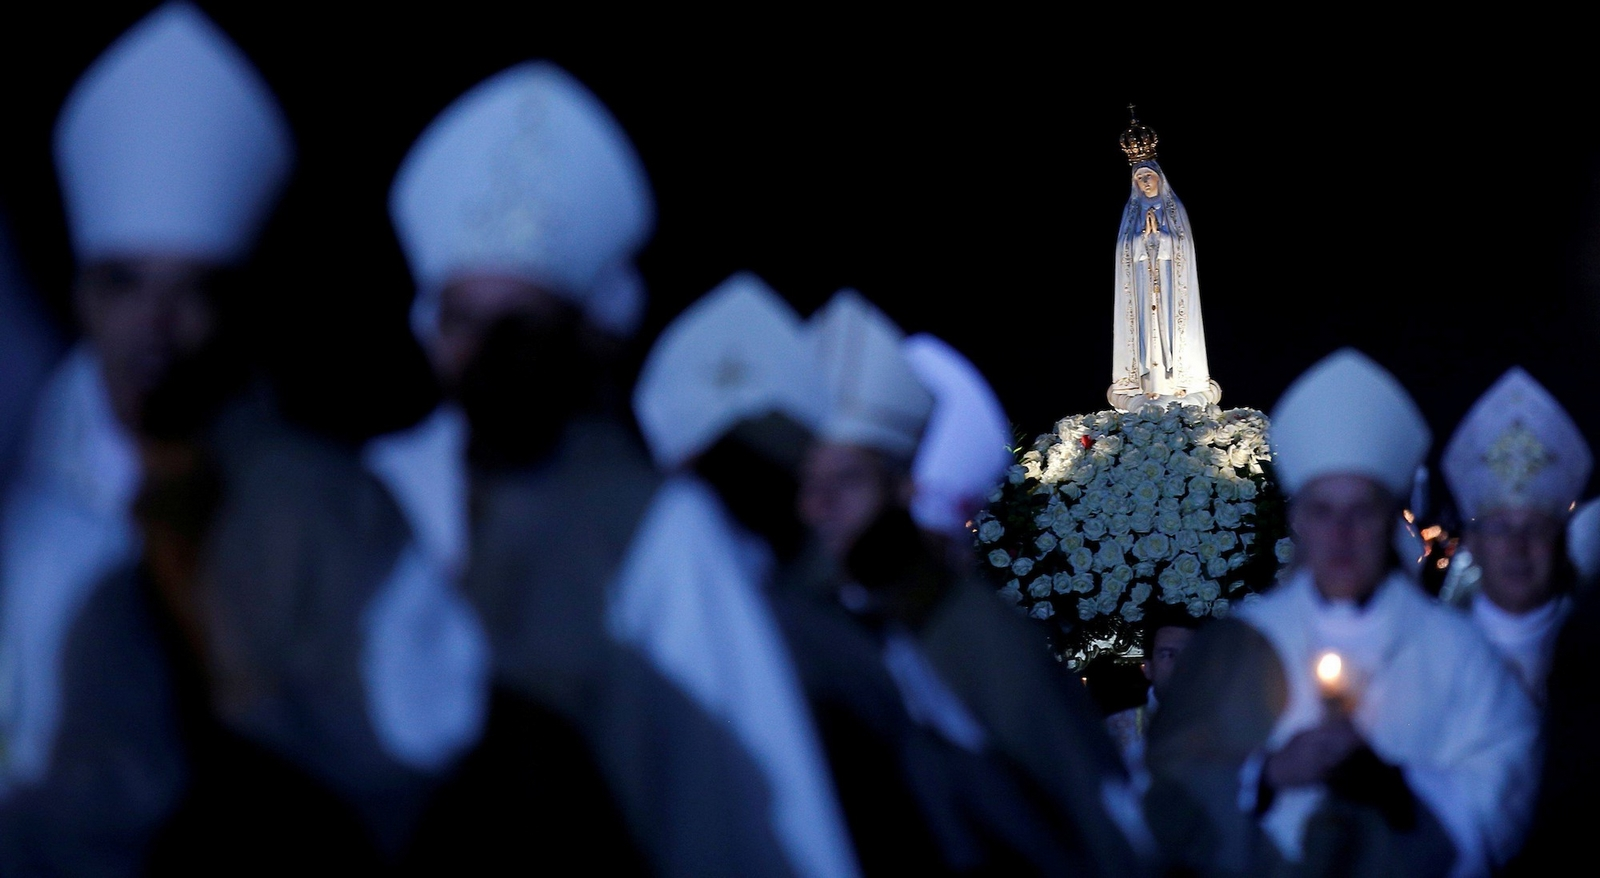 ¿Hay Razones para pensar que la Virgen María habría Evitado una Guerra Nuclear?